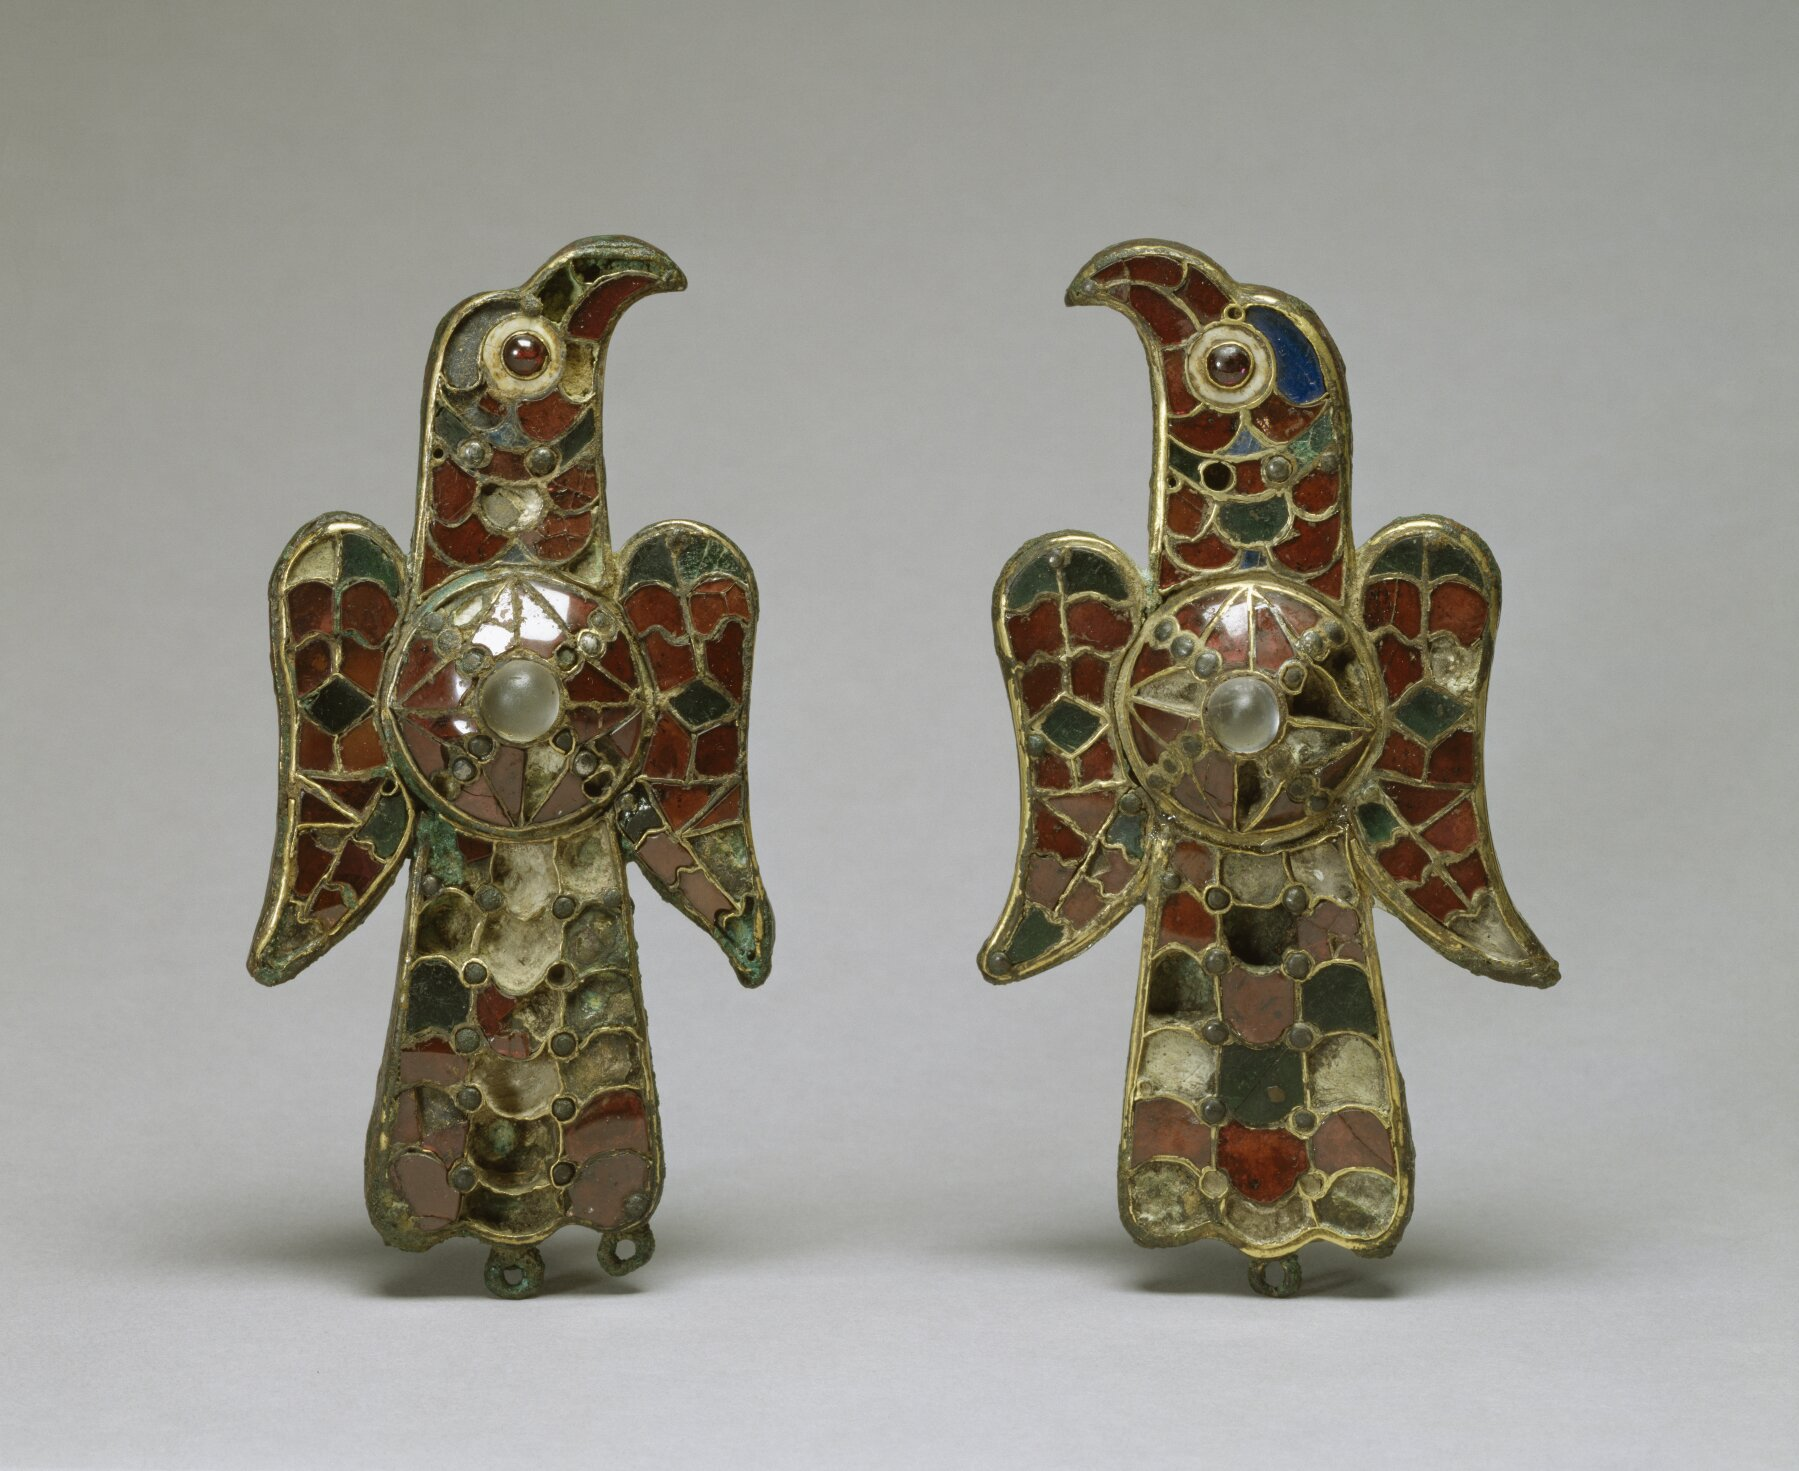 Wizygockie fibule wkształcie orłów Wizygockie fibule wkształcie orłów Źródło: Walters Art Museum, Walters Art Museum, licencja: CC BY-SA 3.0.